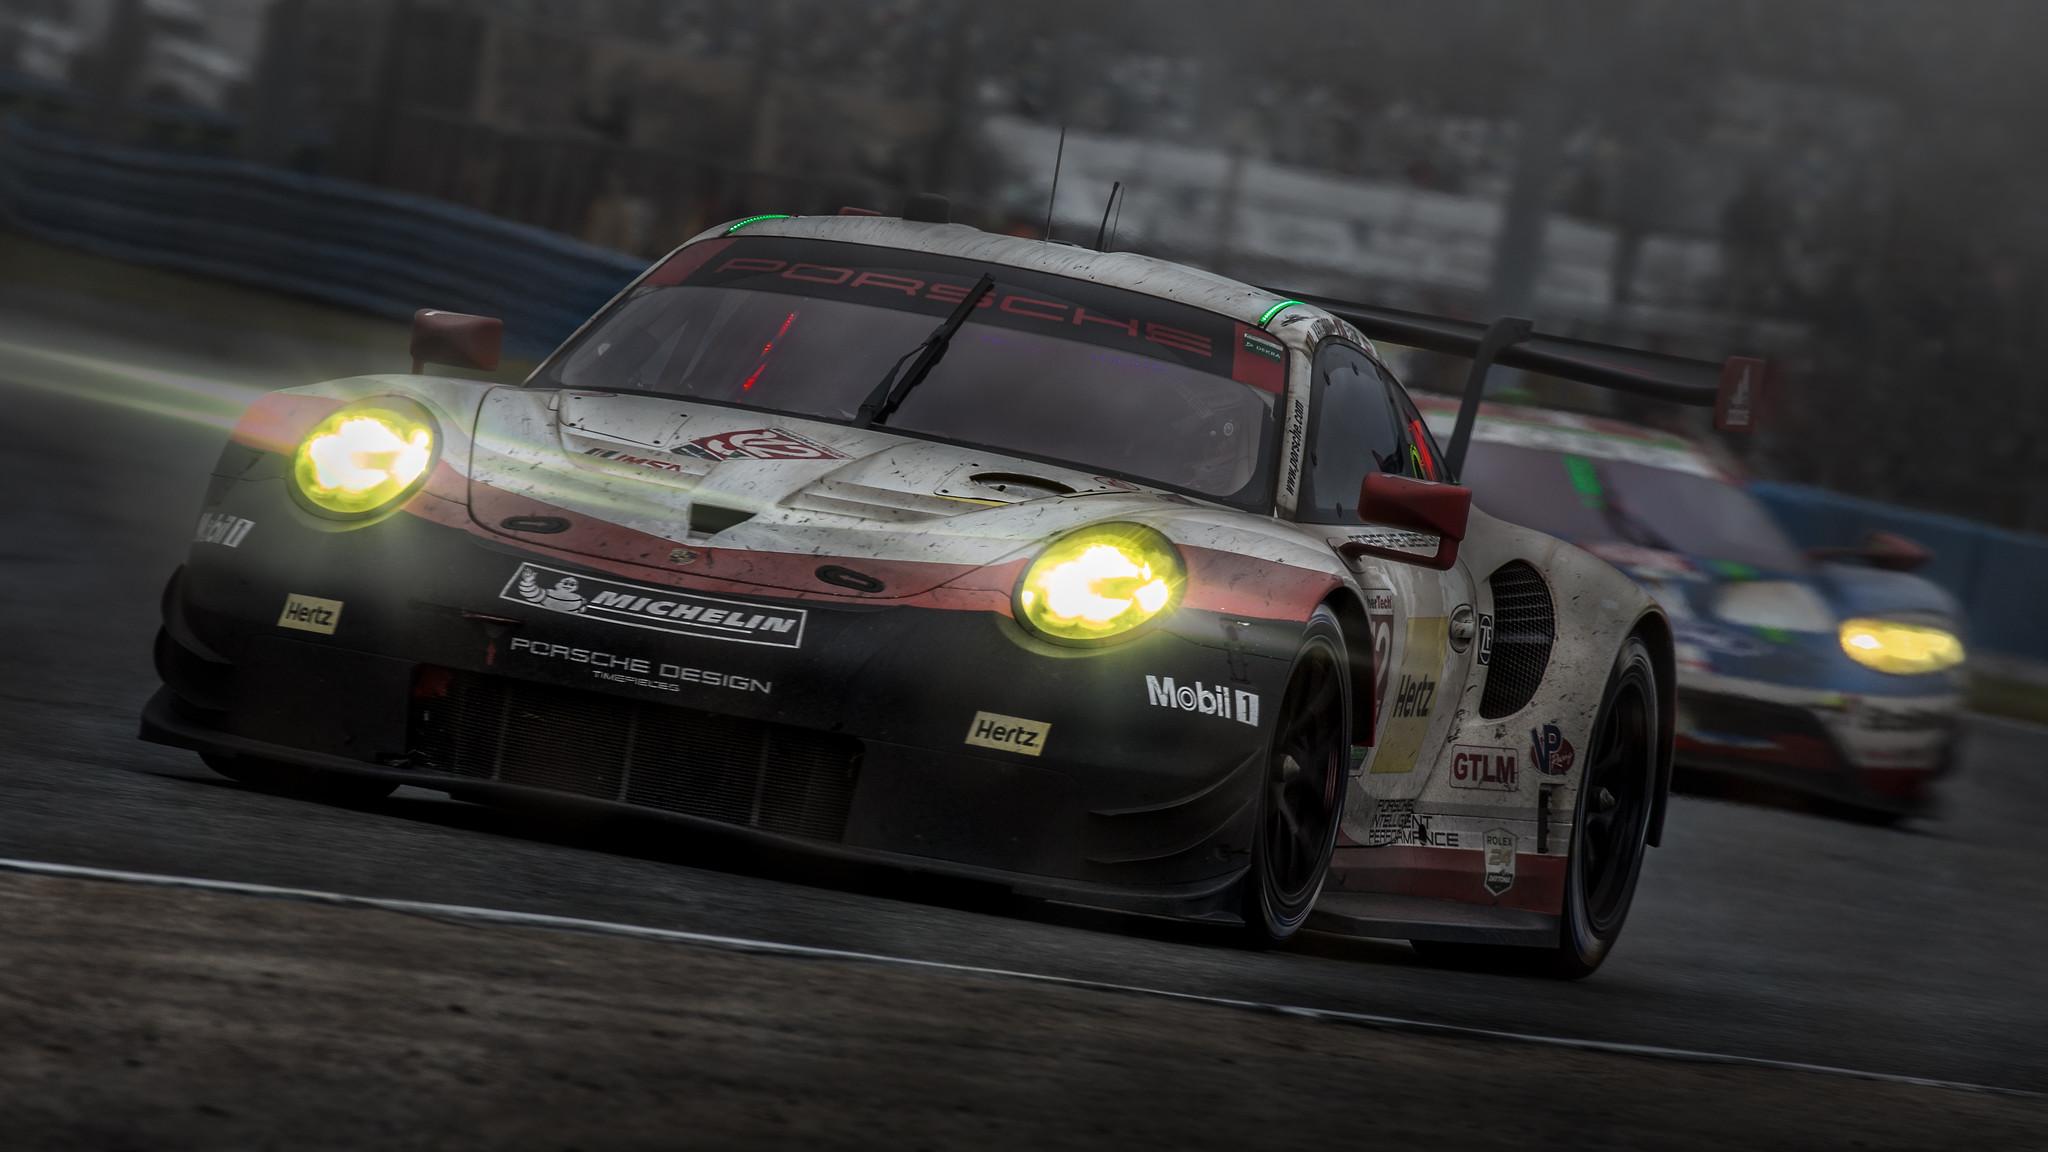 #912 Porsche 911 RSR